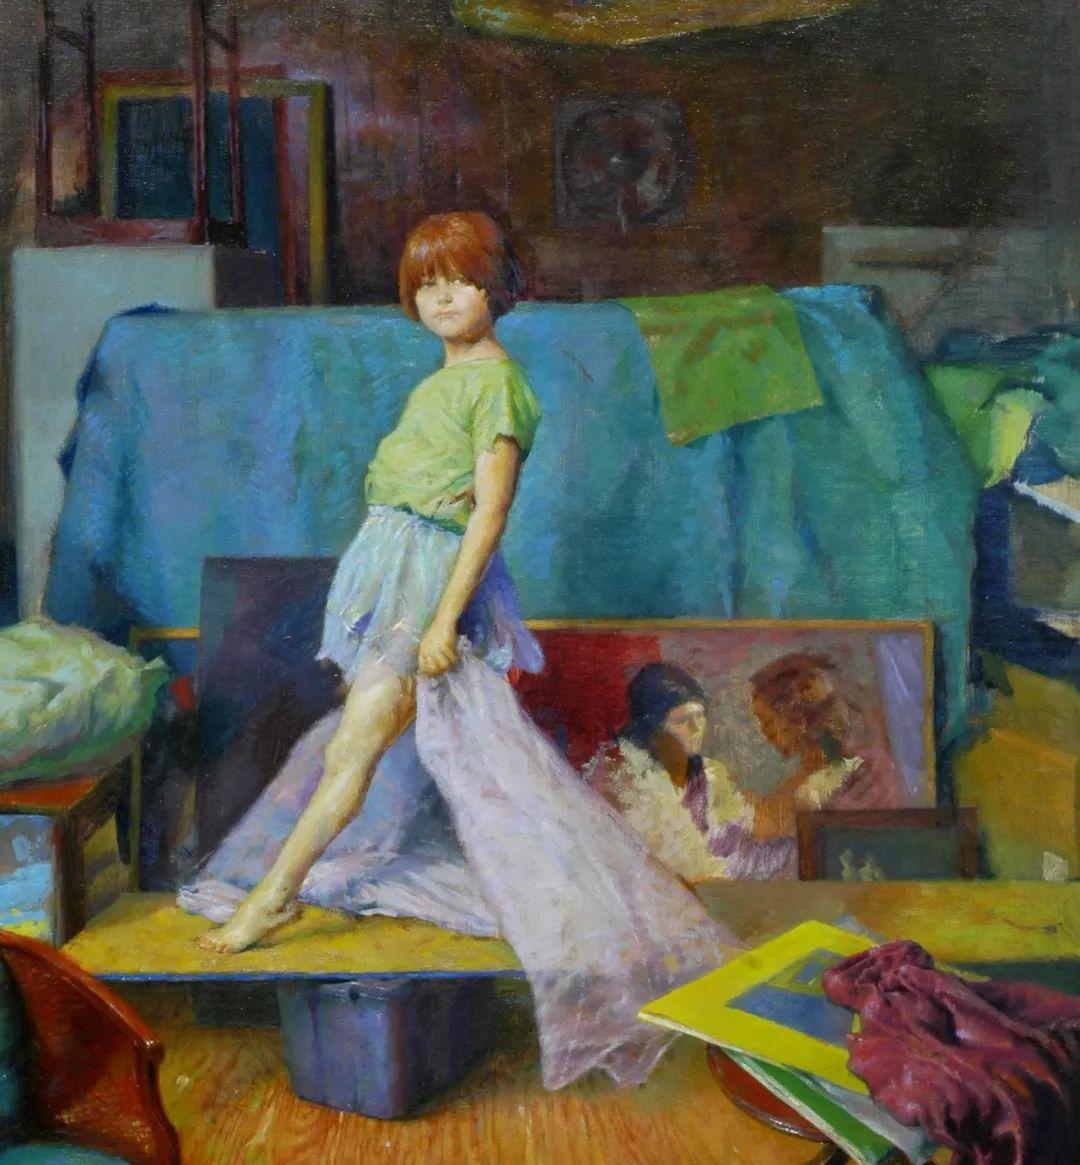 有趣而独特的人物肖像画,美国画家塞思·哈维坎普插图15